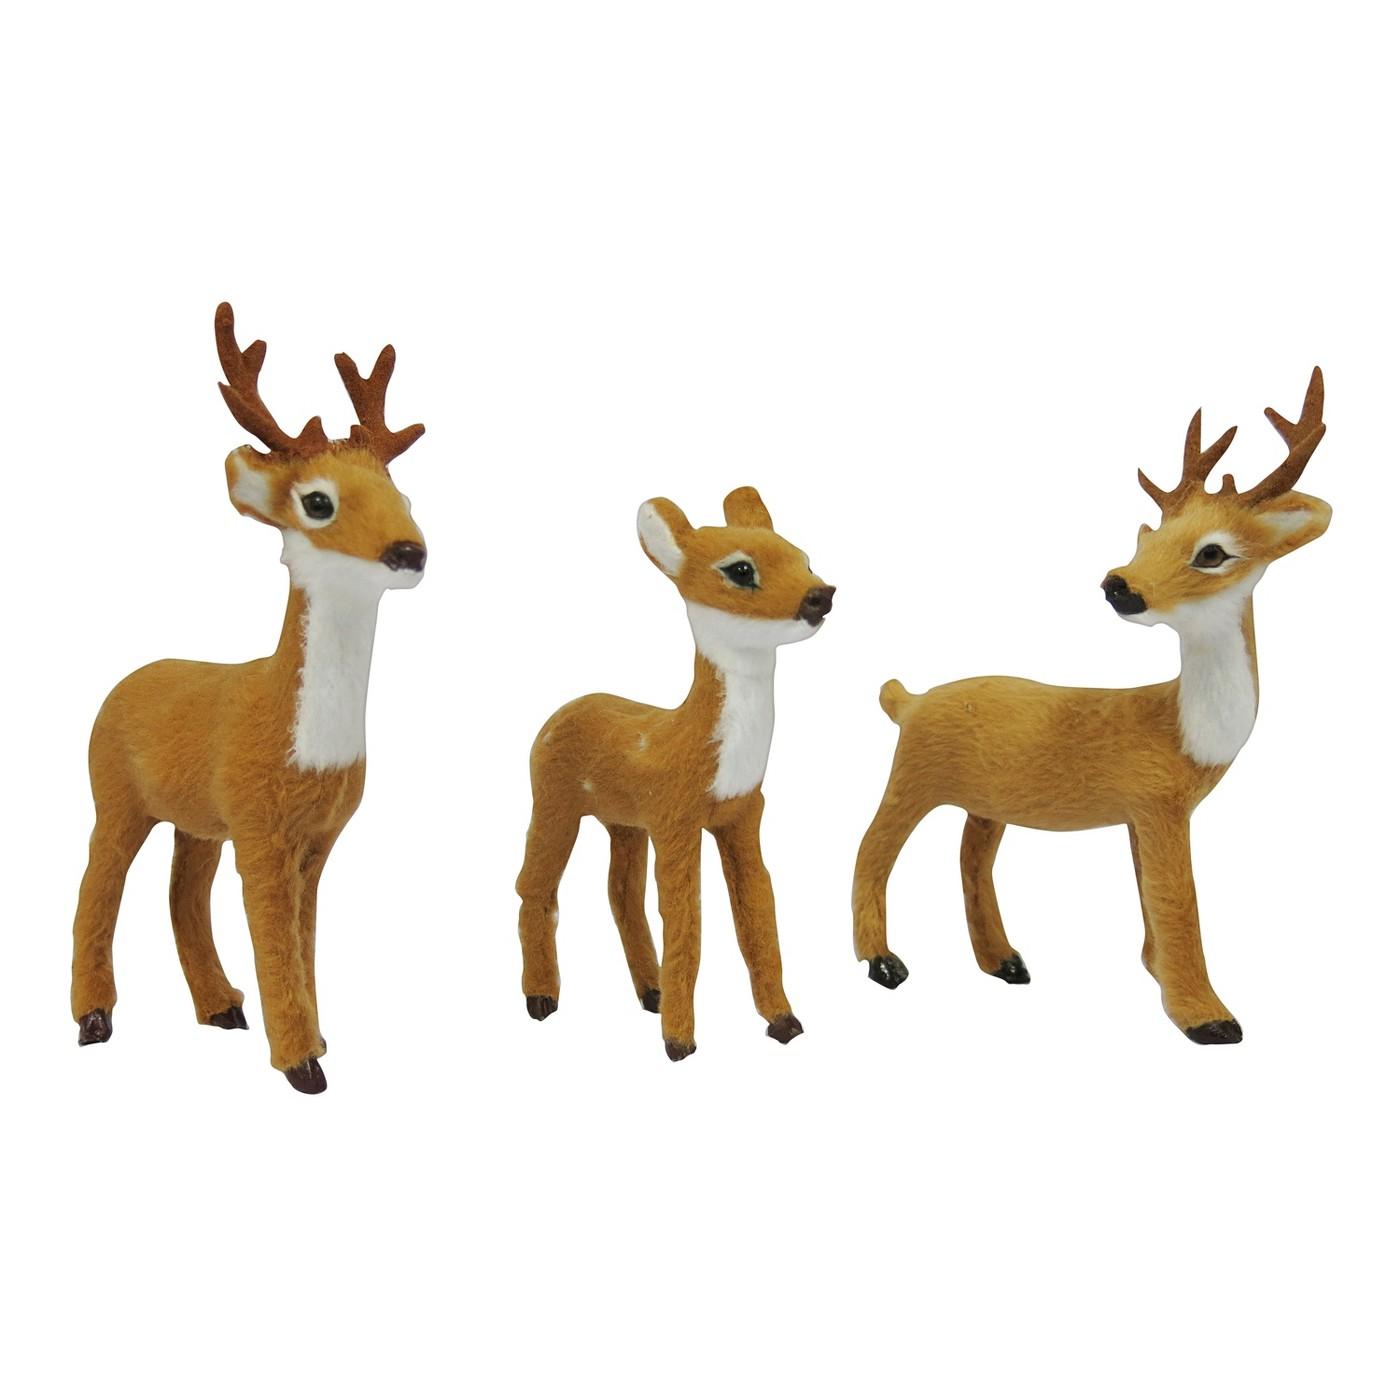 3ct Mini Deer Figurine Set, $10-.jpeg